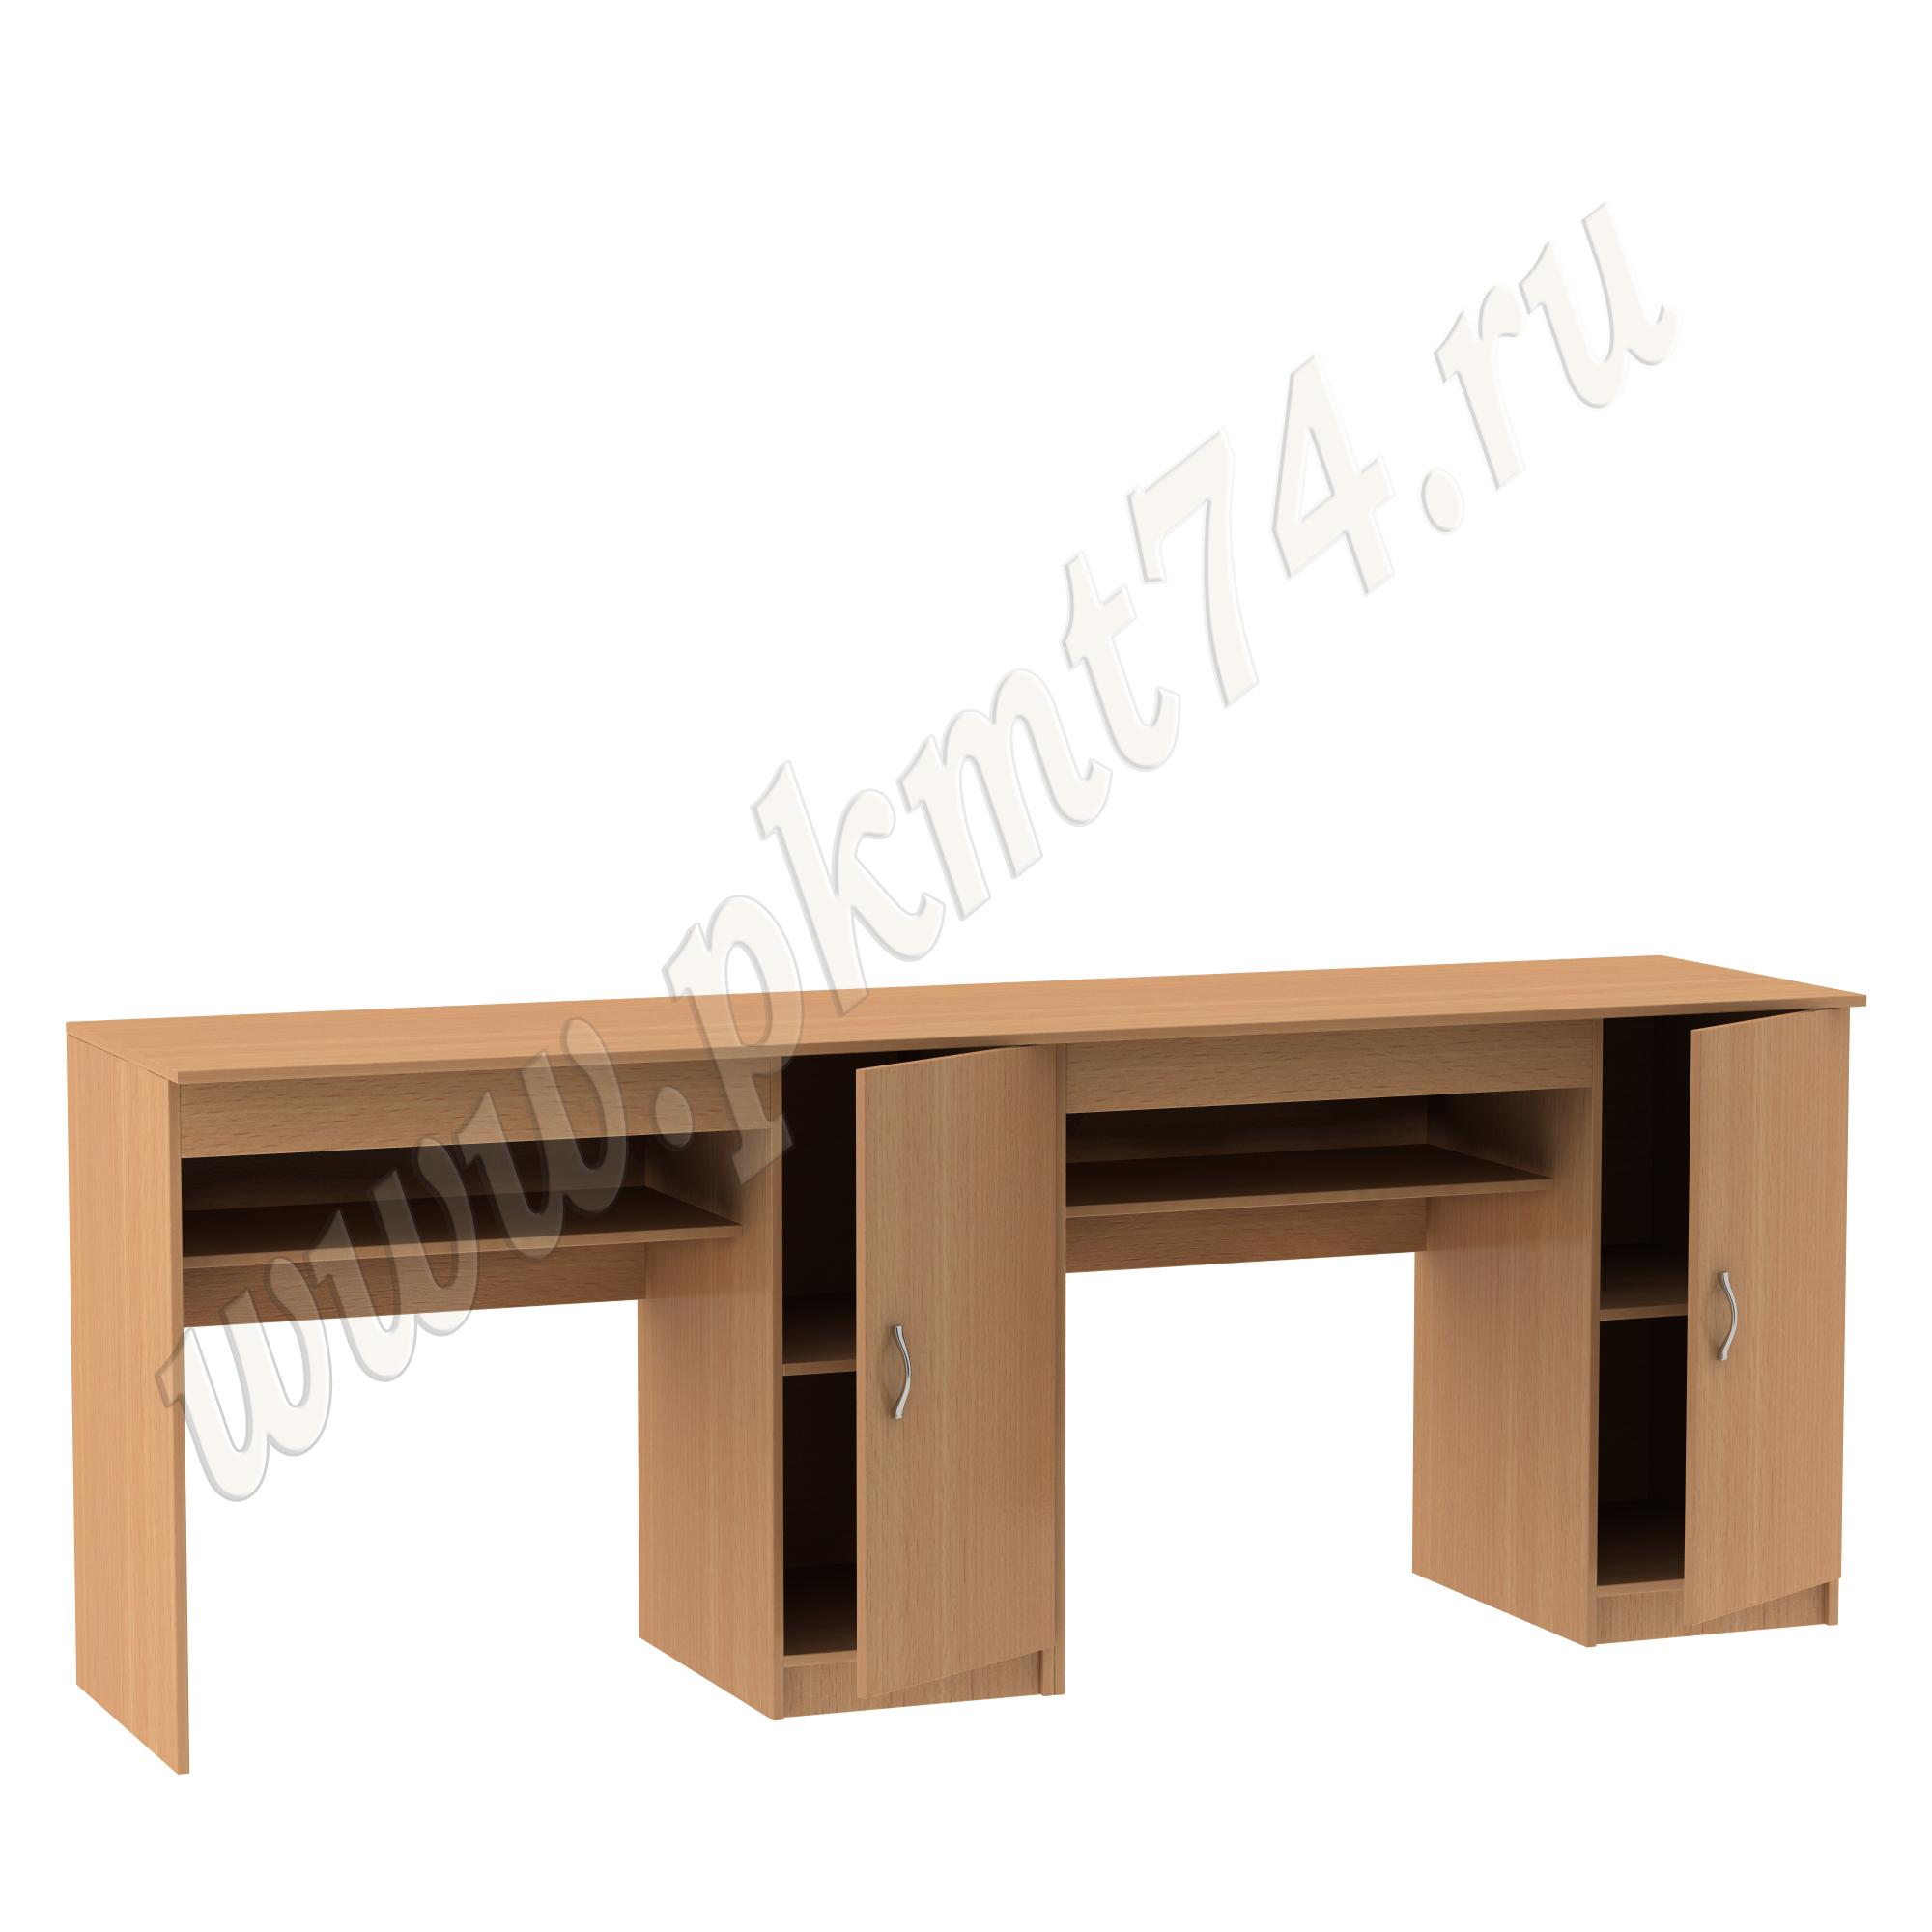 Стол для кабинета физики демонстрационный МТ 22-5 Бук